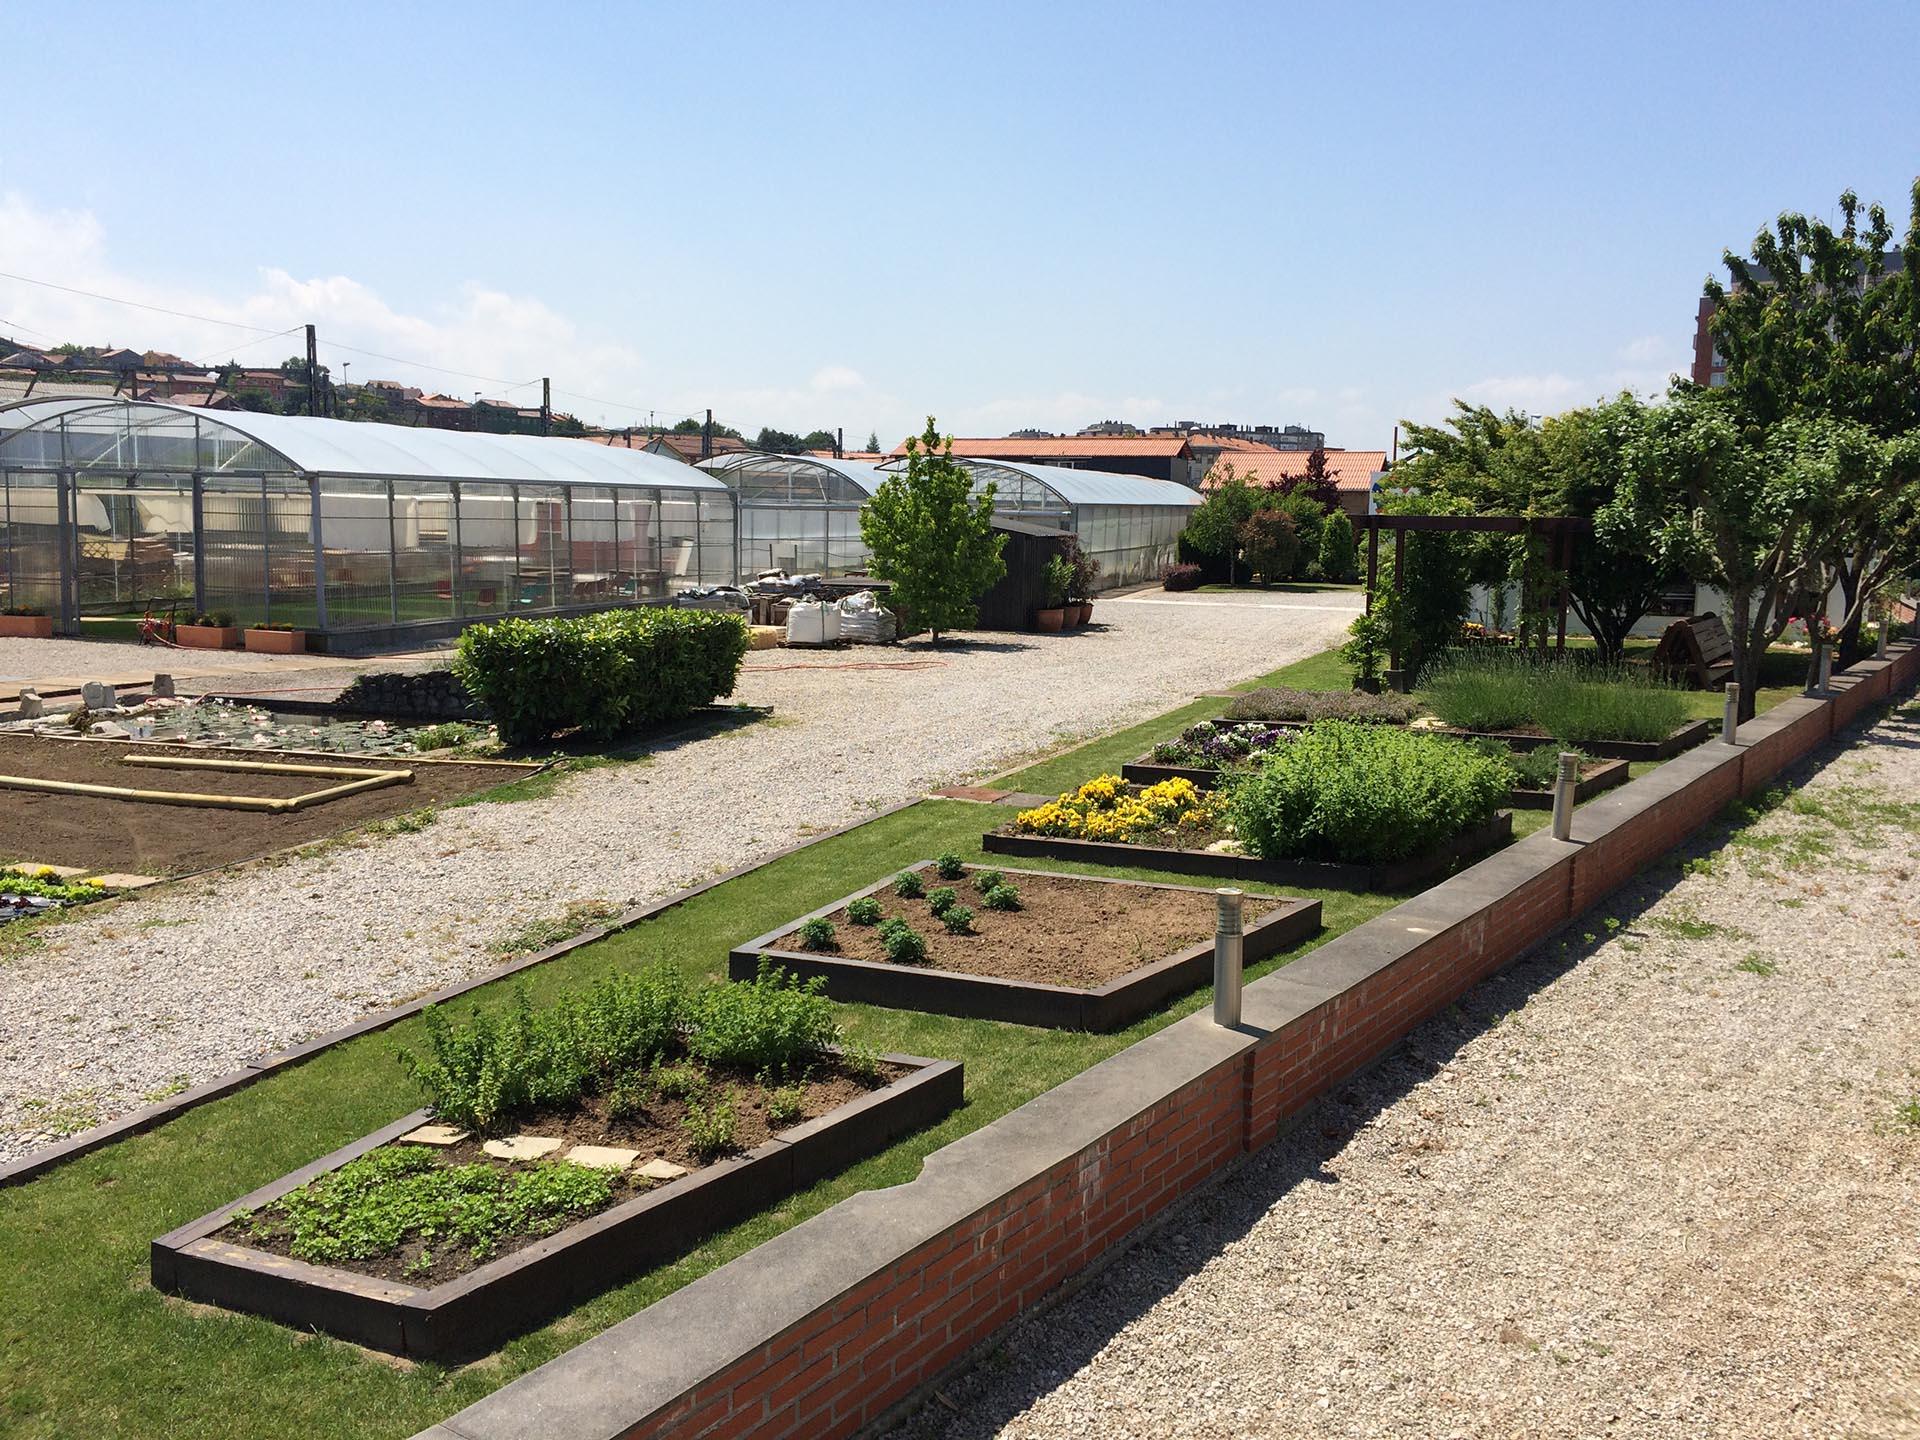 Horticultura ecológica en jardineras y contenedores